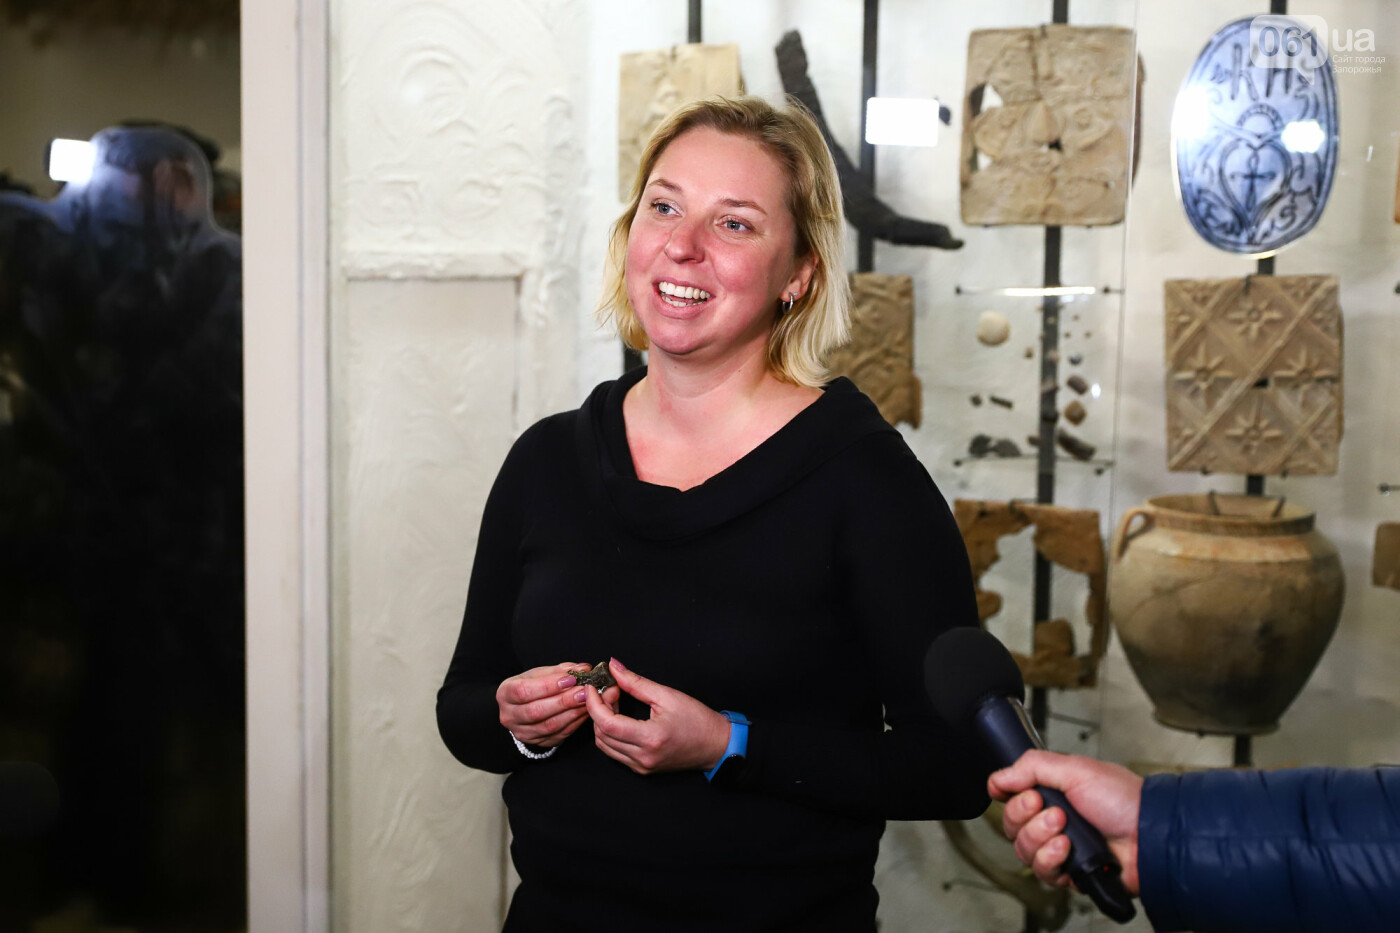 На Запорожской Сечи пополнилась уникальная коллекция казацких люлек: что курили казаки и о чем может рассказать трубка, фото-11